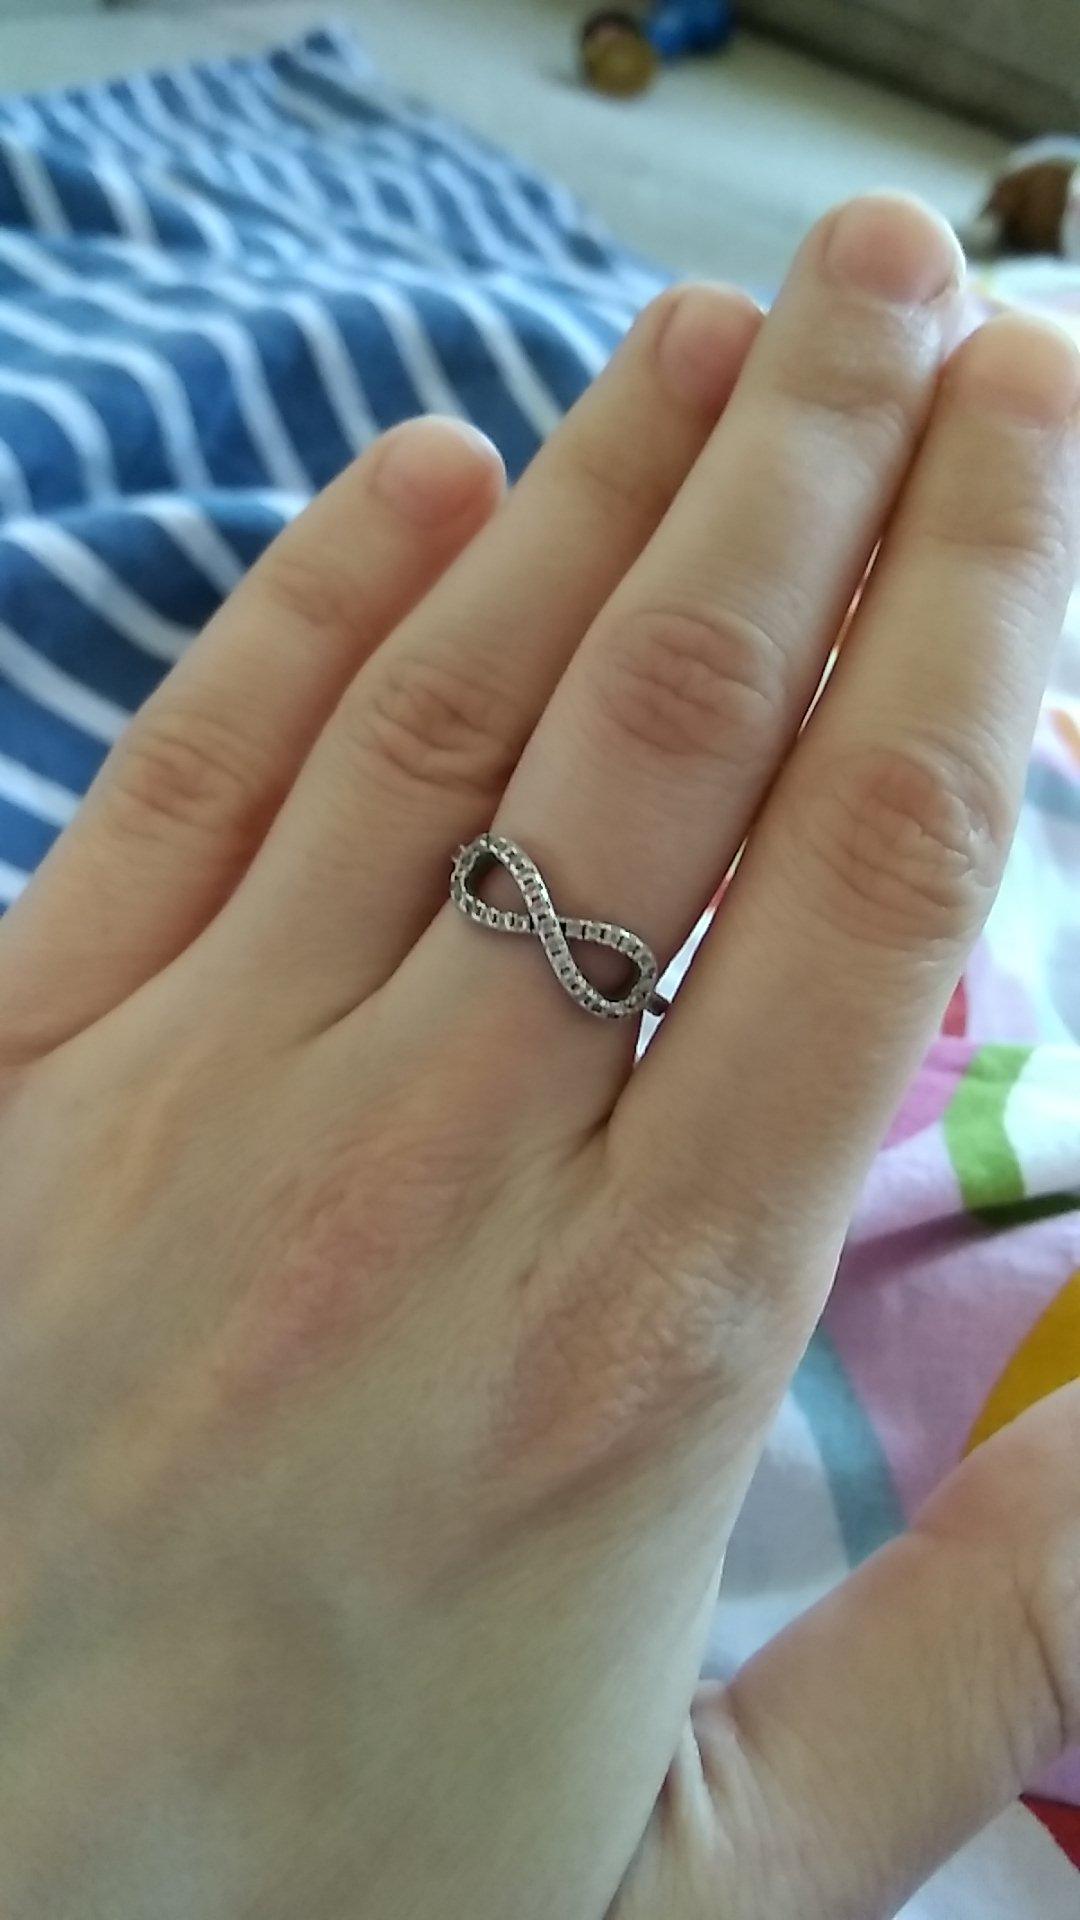 Ношу кольцо давно и оно шикарное